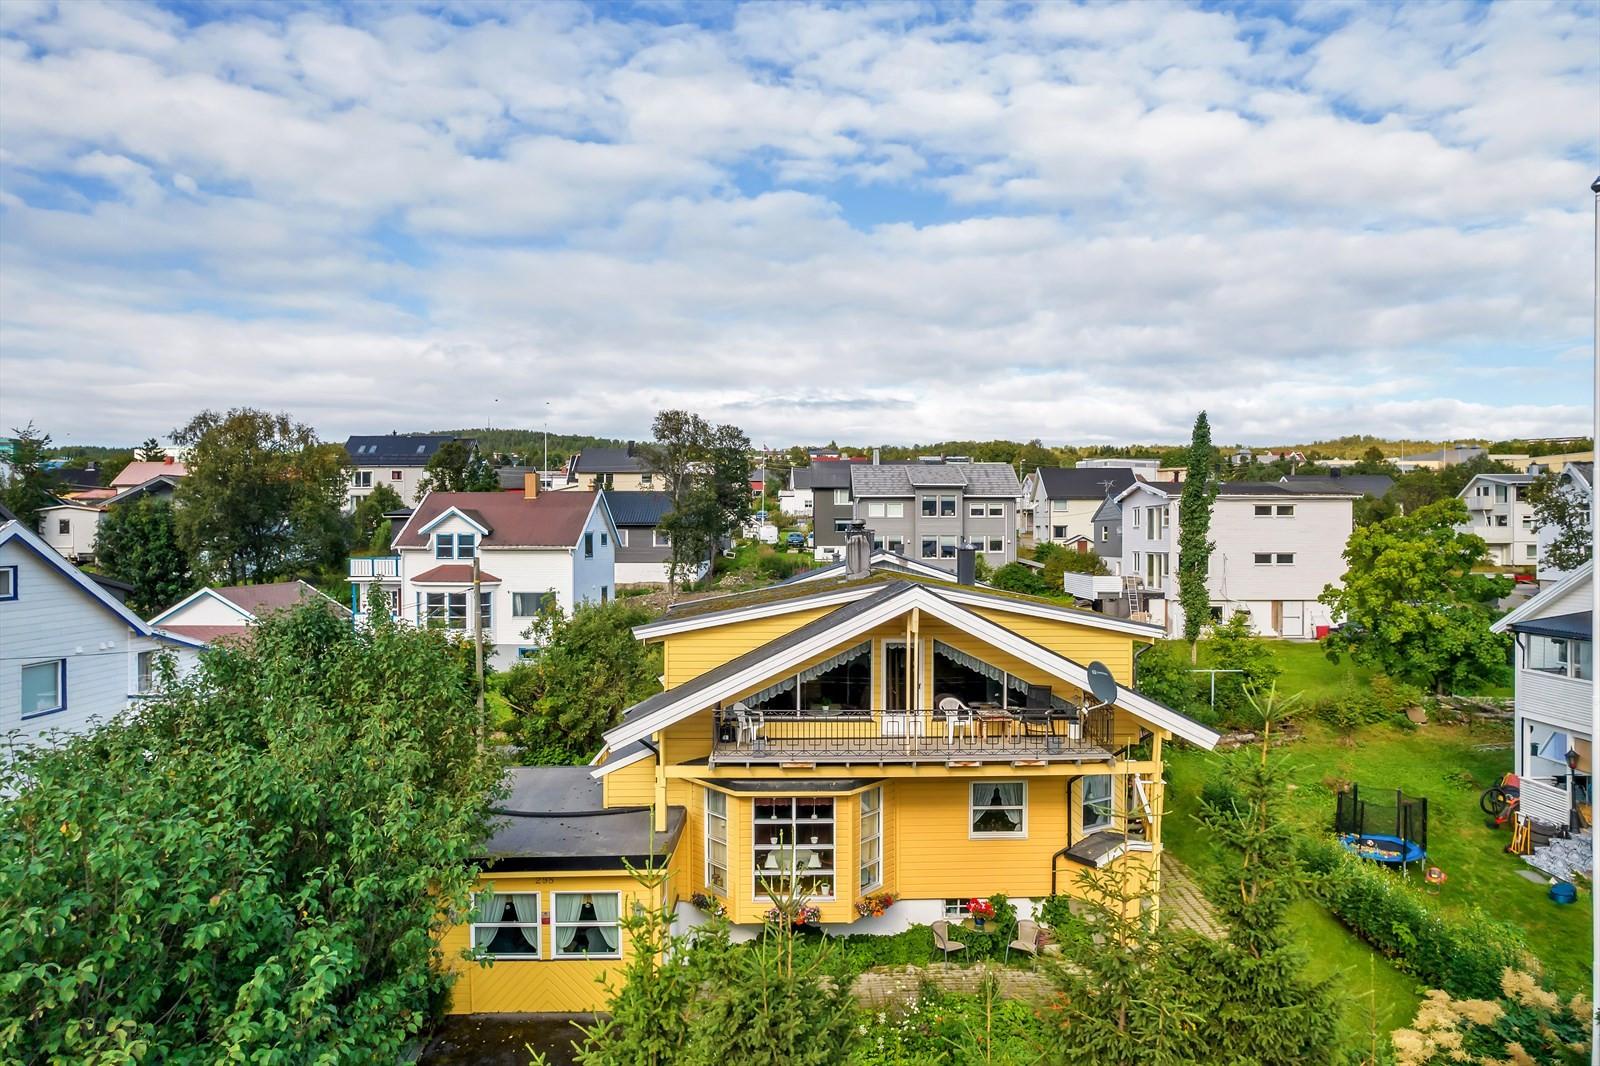 Boligen har kort vei opp til Tromsømarka med lysløyper og friområder